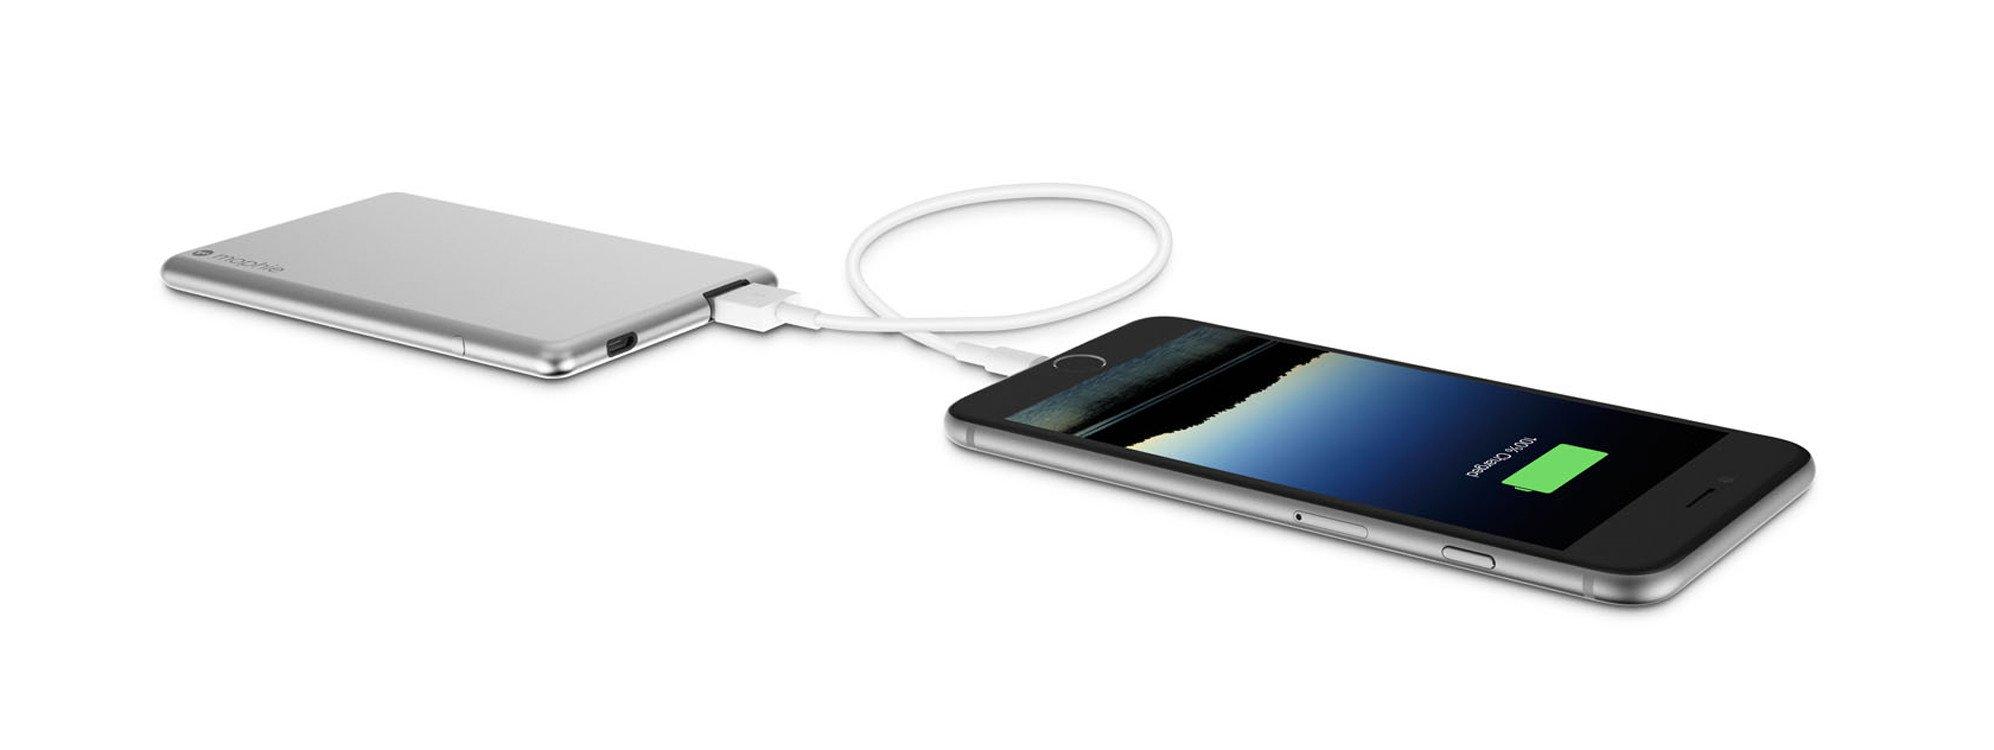 Batterie externe ou chargeur portable - Guide d'achat